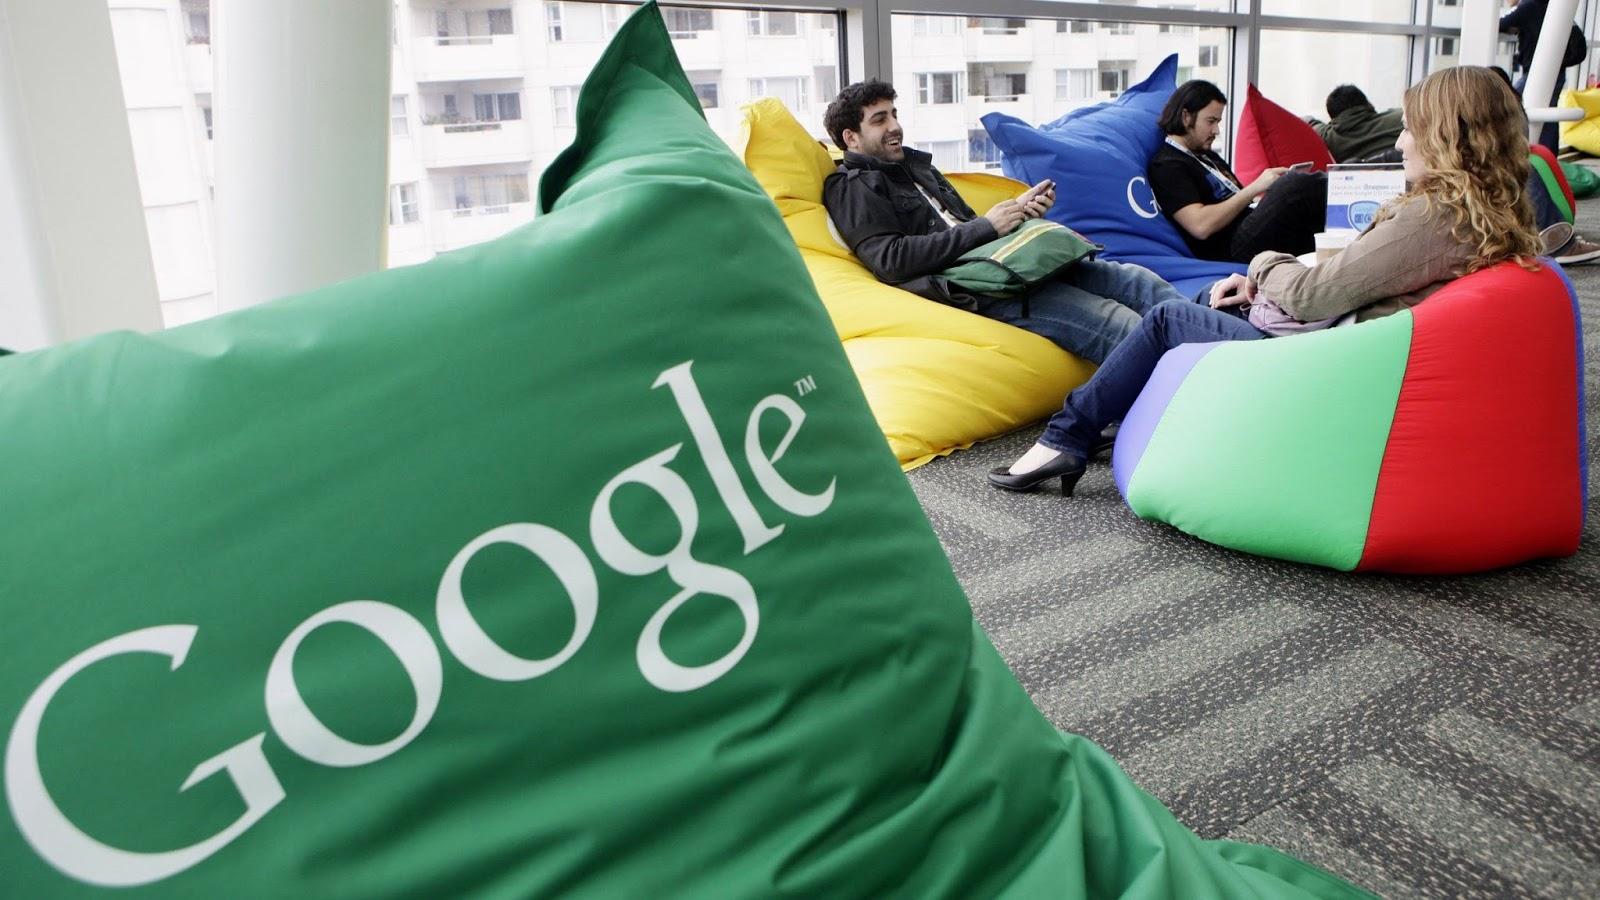 أكتسب مهارات رقمية  مجاناً من Google وأحصل علي شهادة توثيق خبراتك